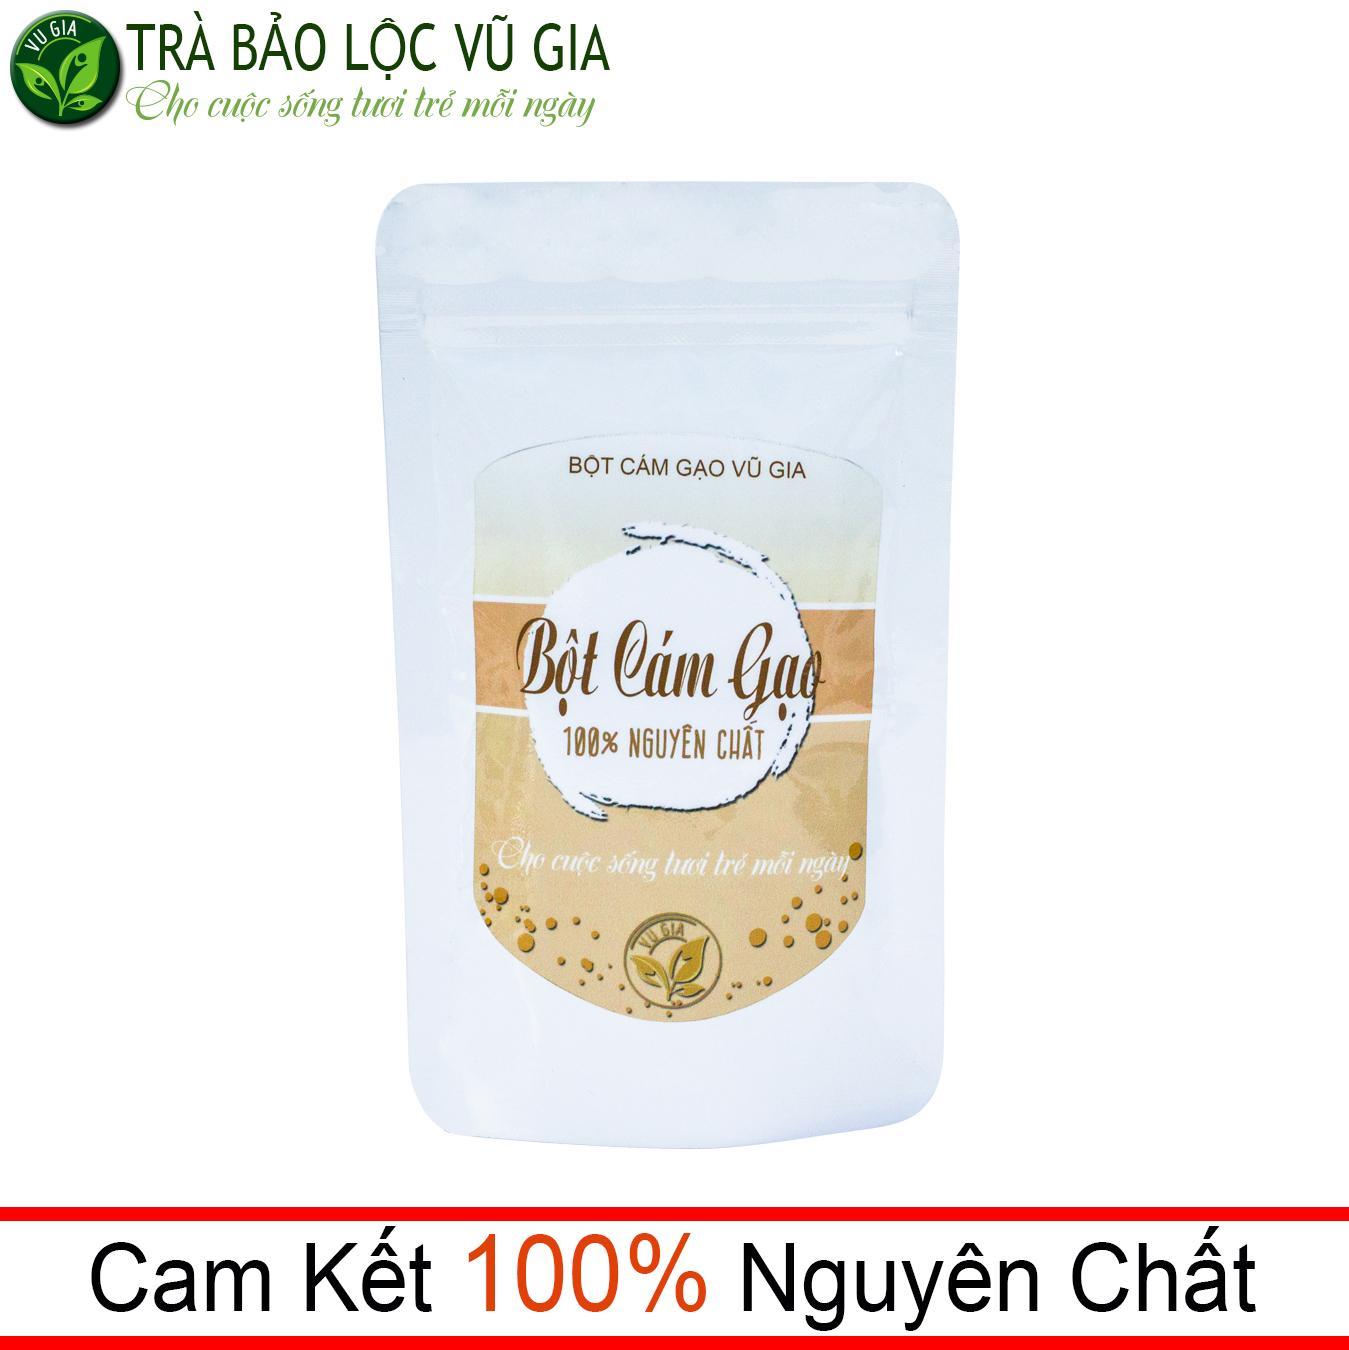 Bột Cám Gạo Nguyên Chất Vũ Gia (100g/ túi) - đắp mặt, tắm trắng, tẩy tế bào chết